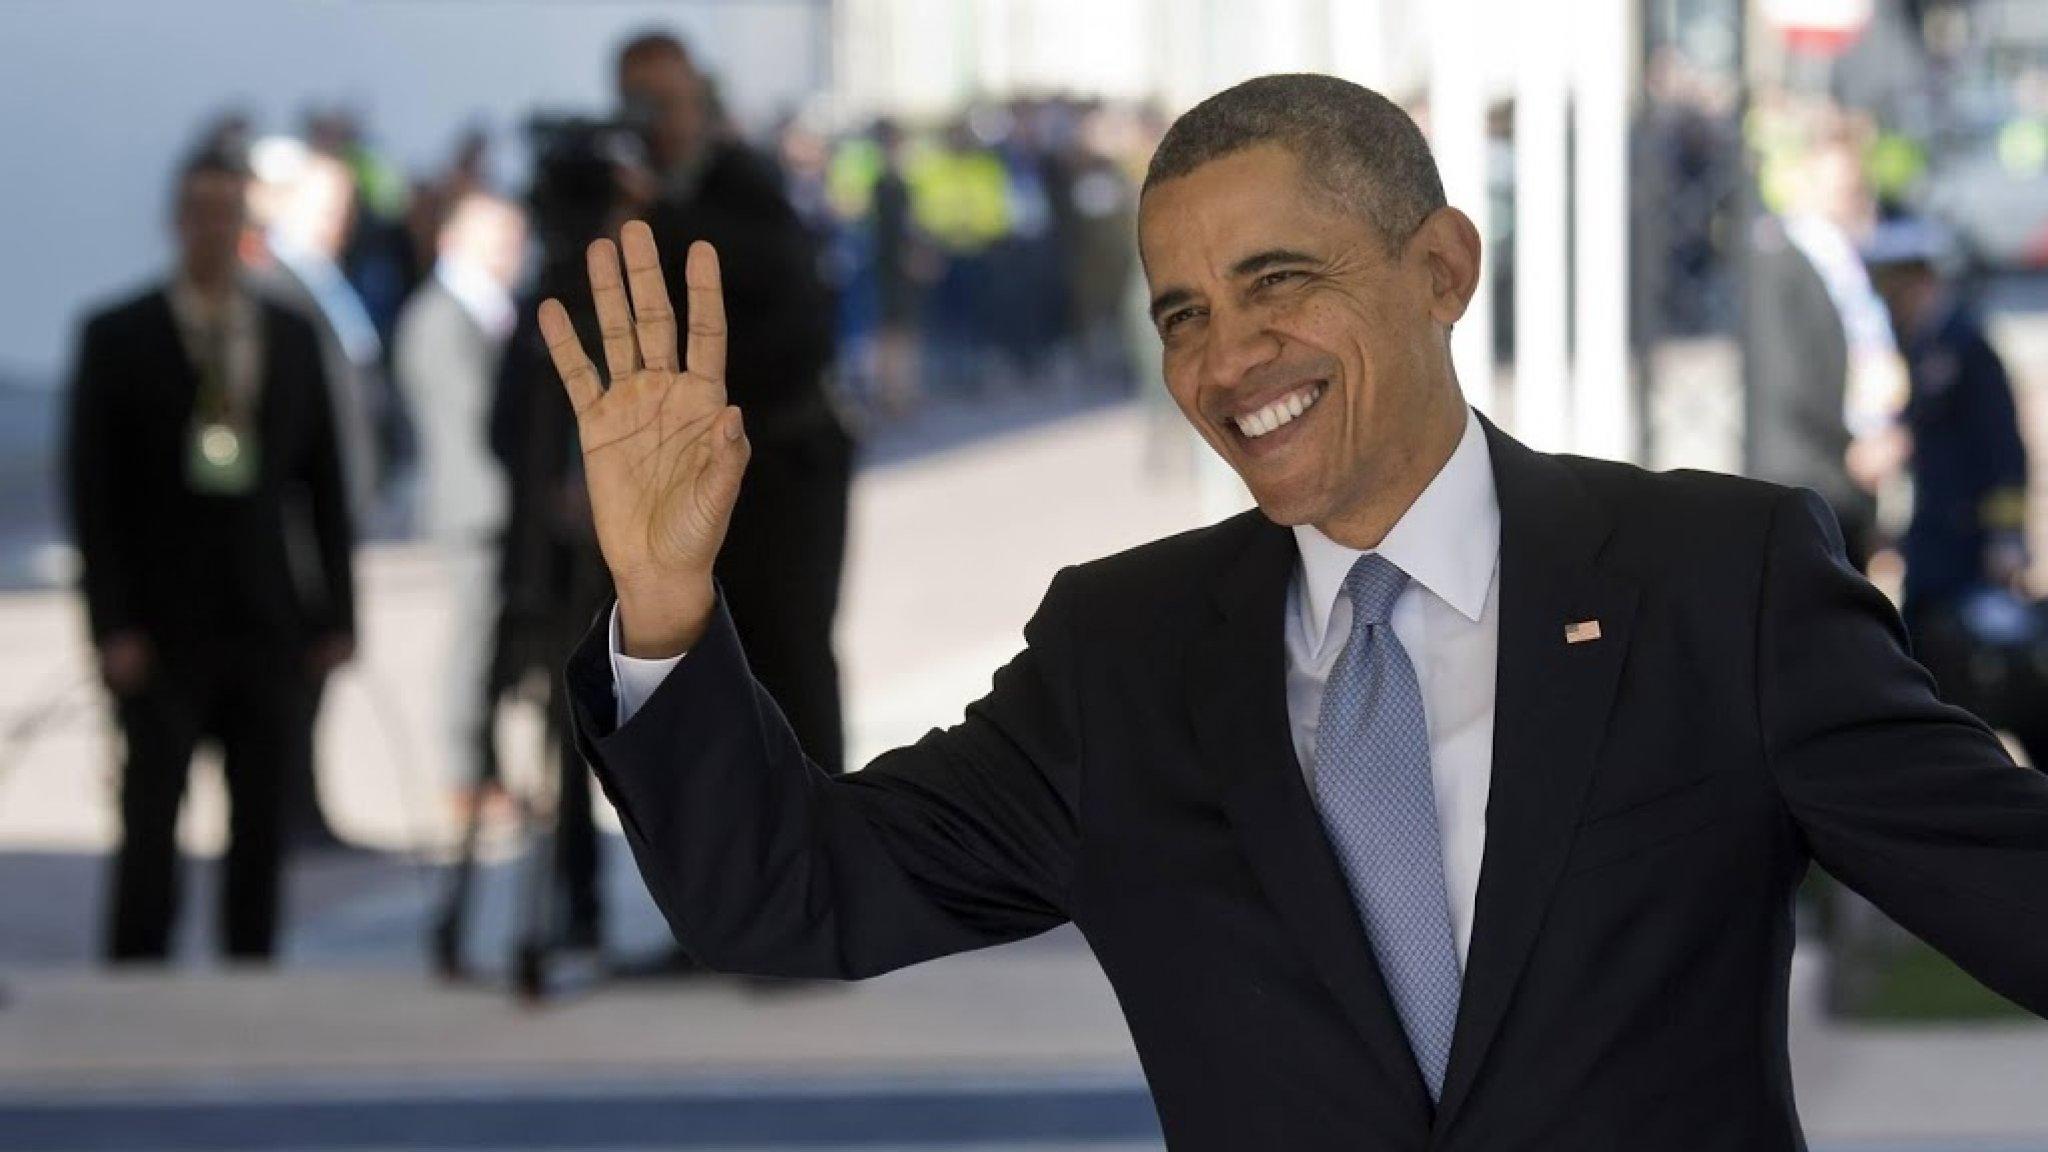 Star Parade on Barack Obama's 60th birthday